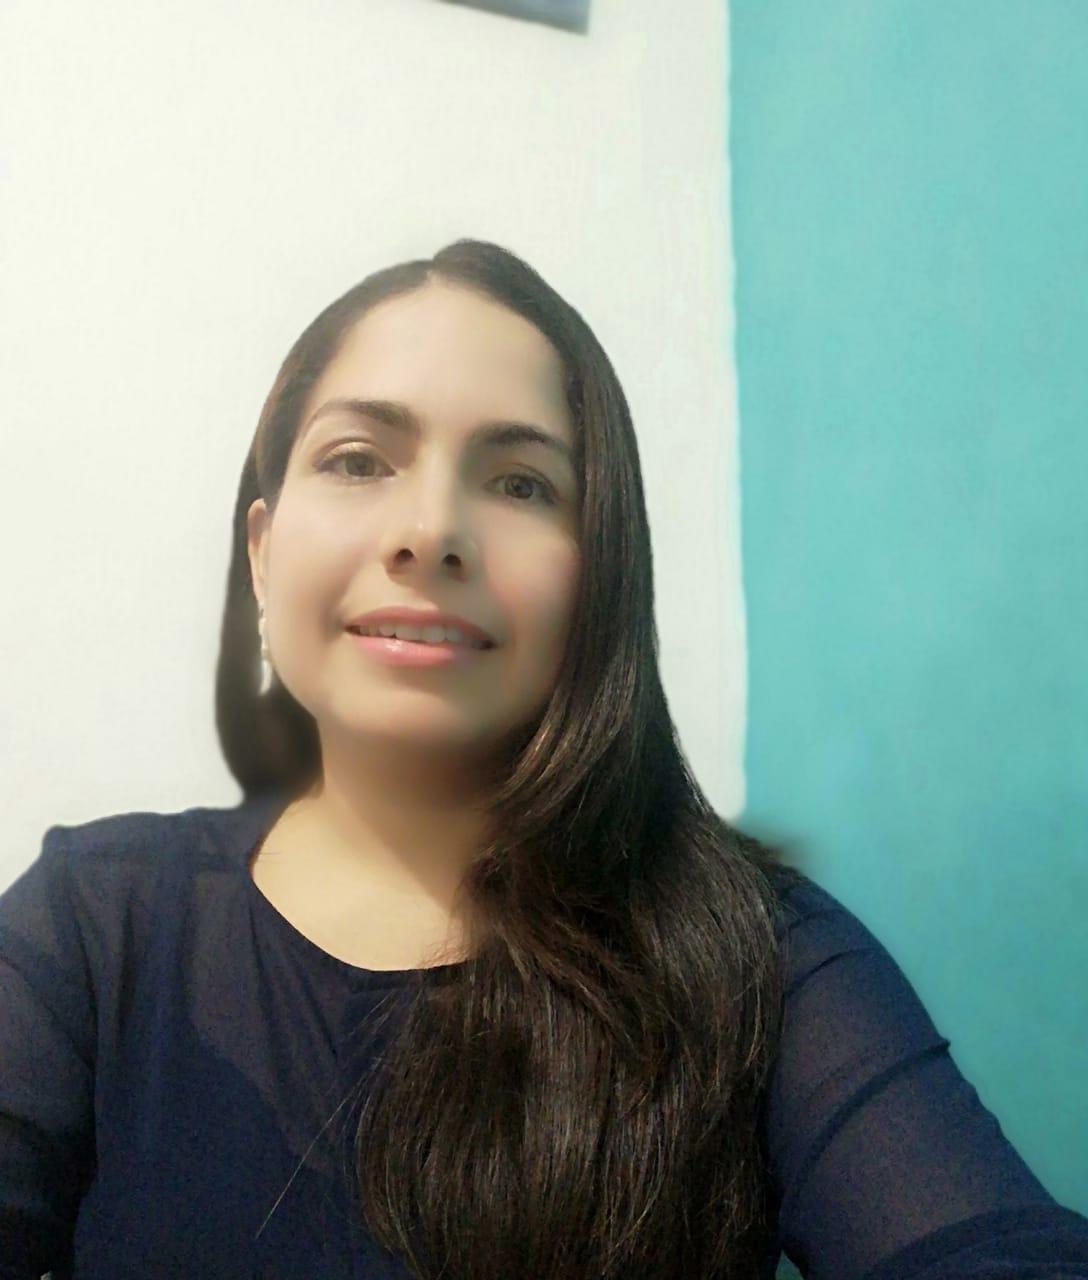 ERIKA MARIA ONOFRE PEREZ